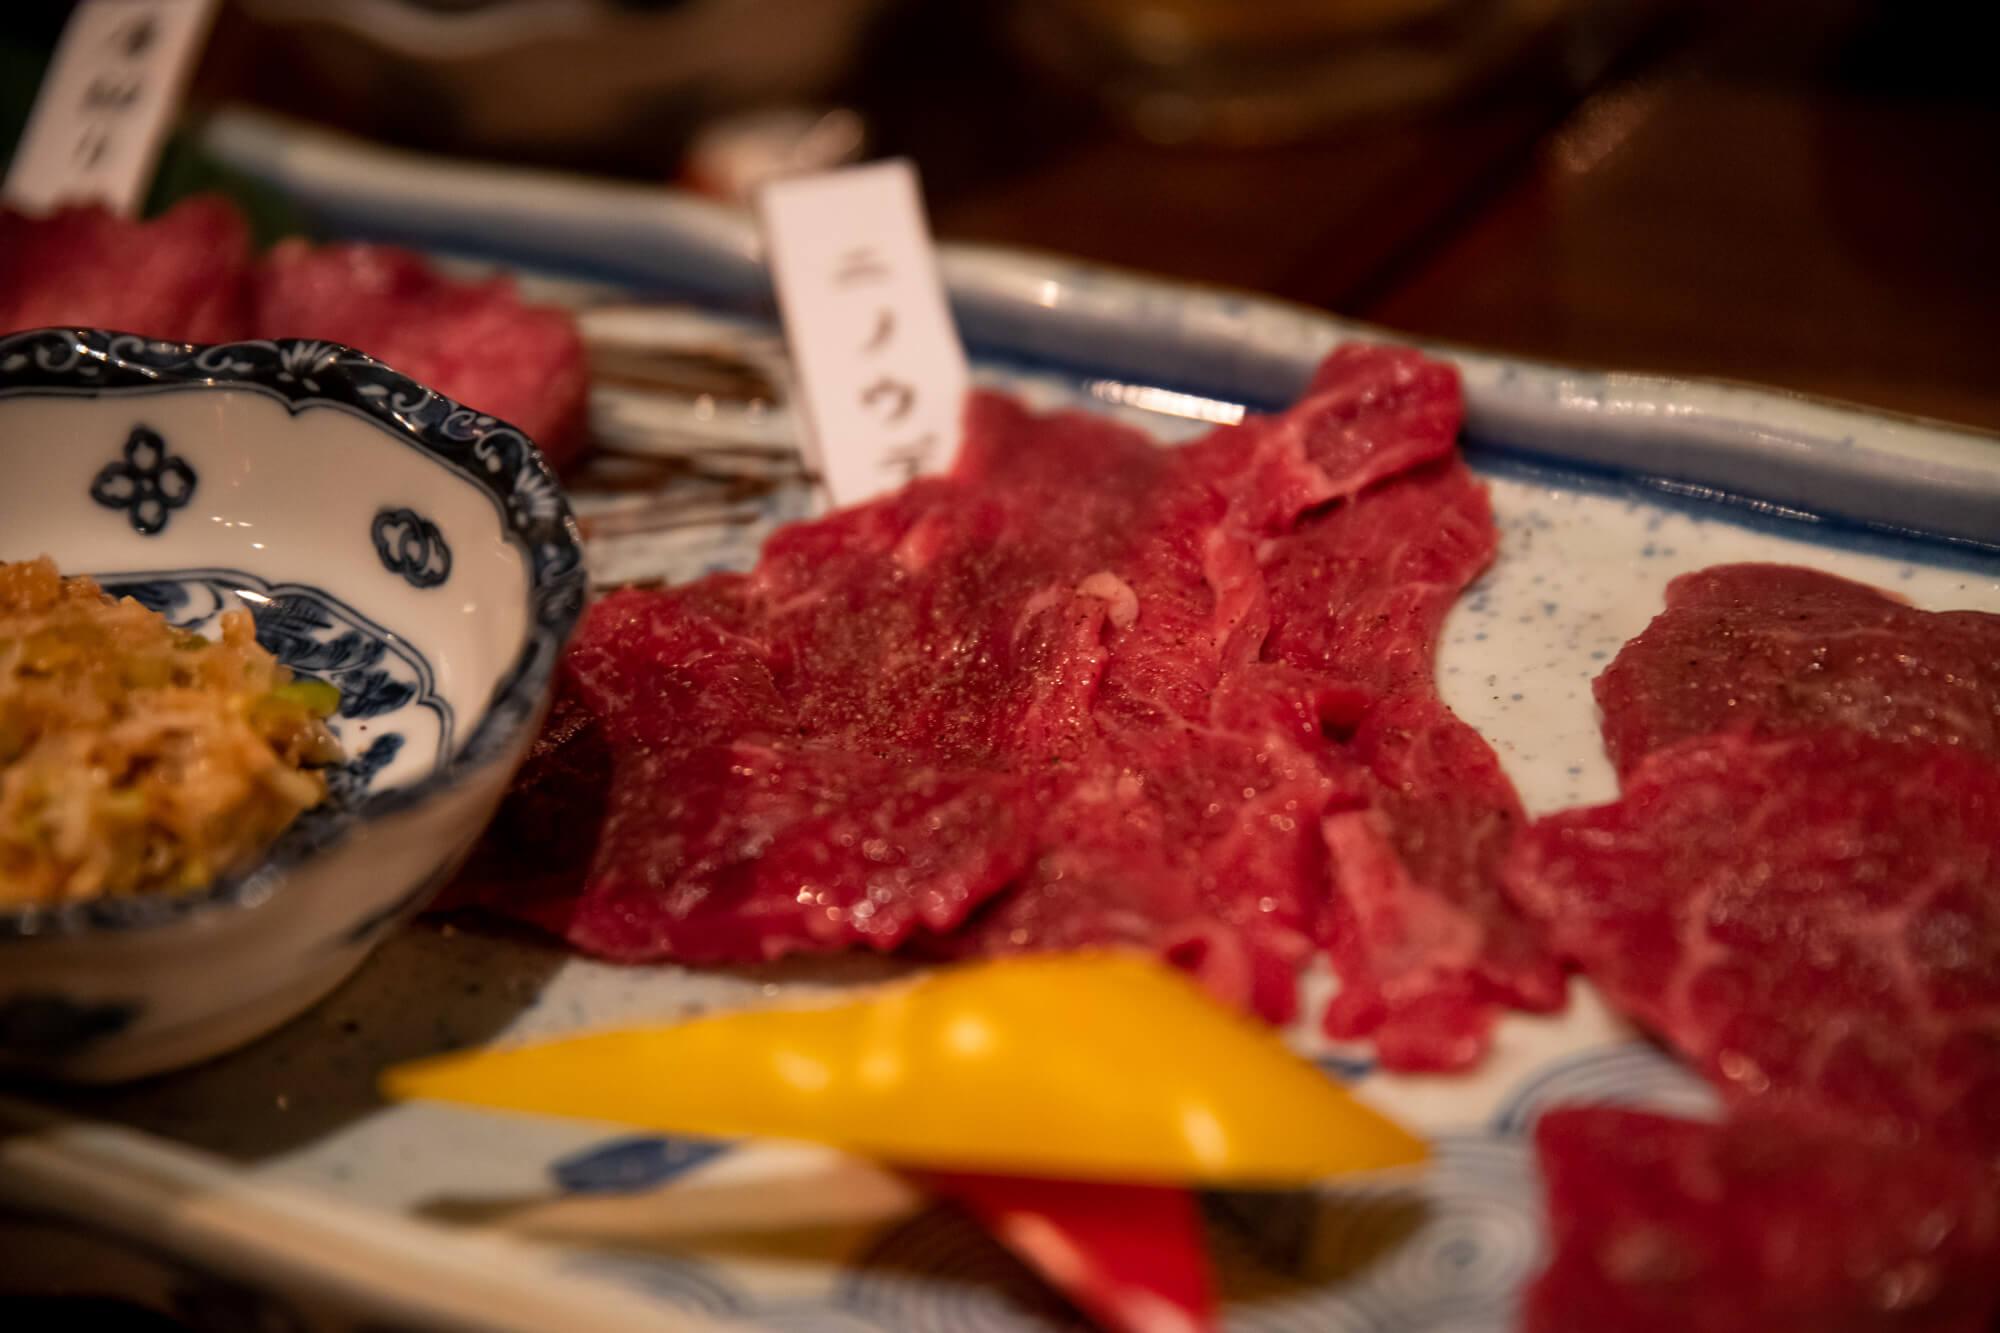 ヒレ肉の宝山 ニノウデ